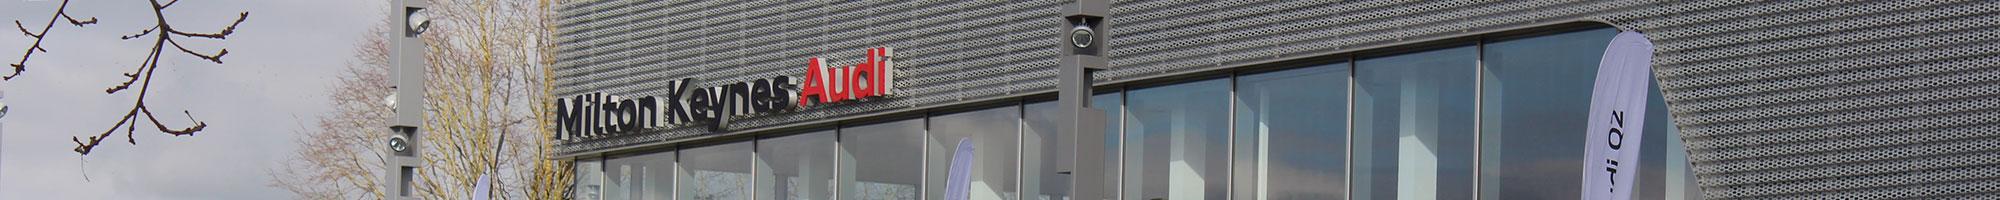 Cemplas - Banner - Services - Image 1